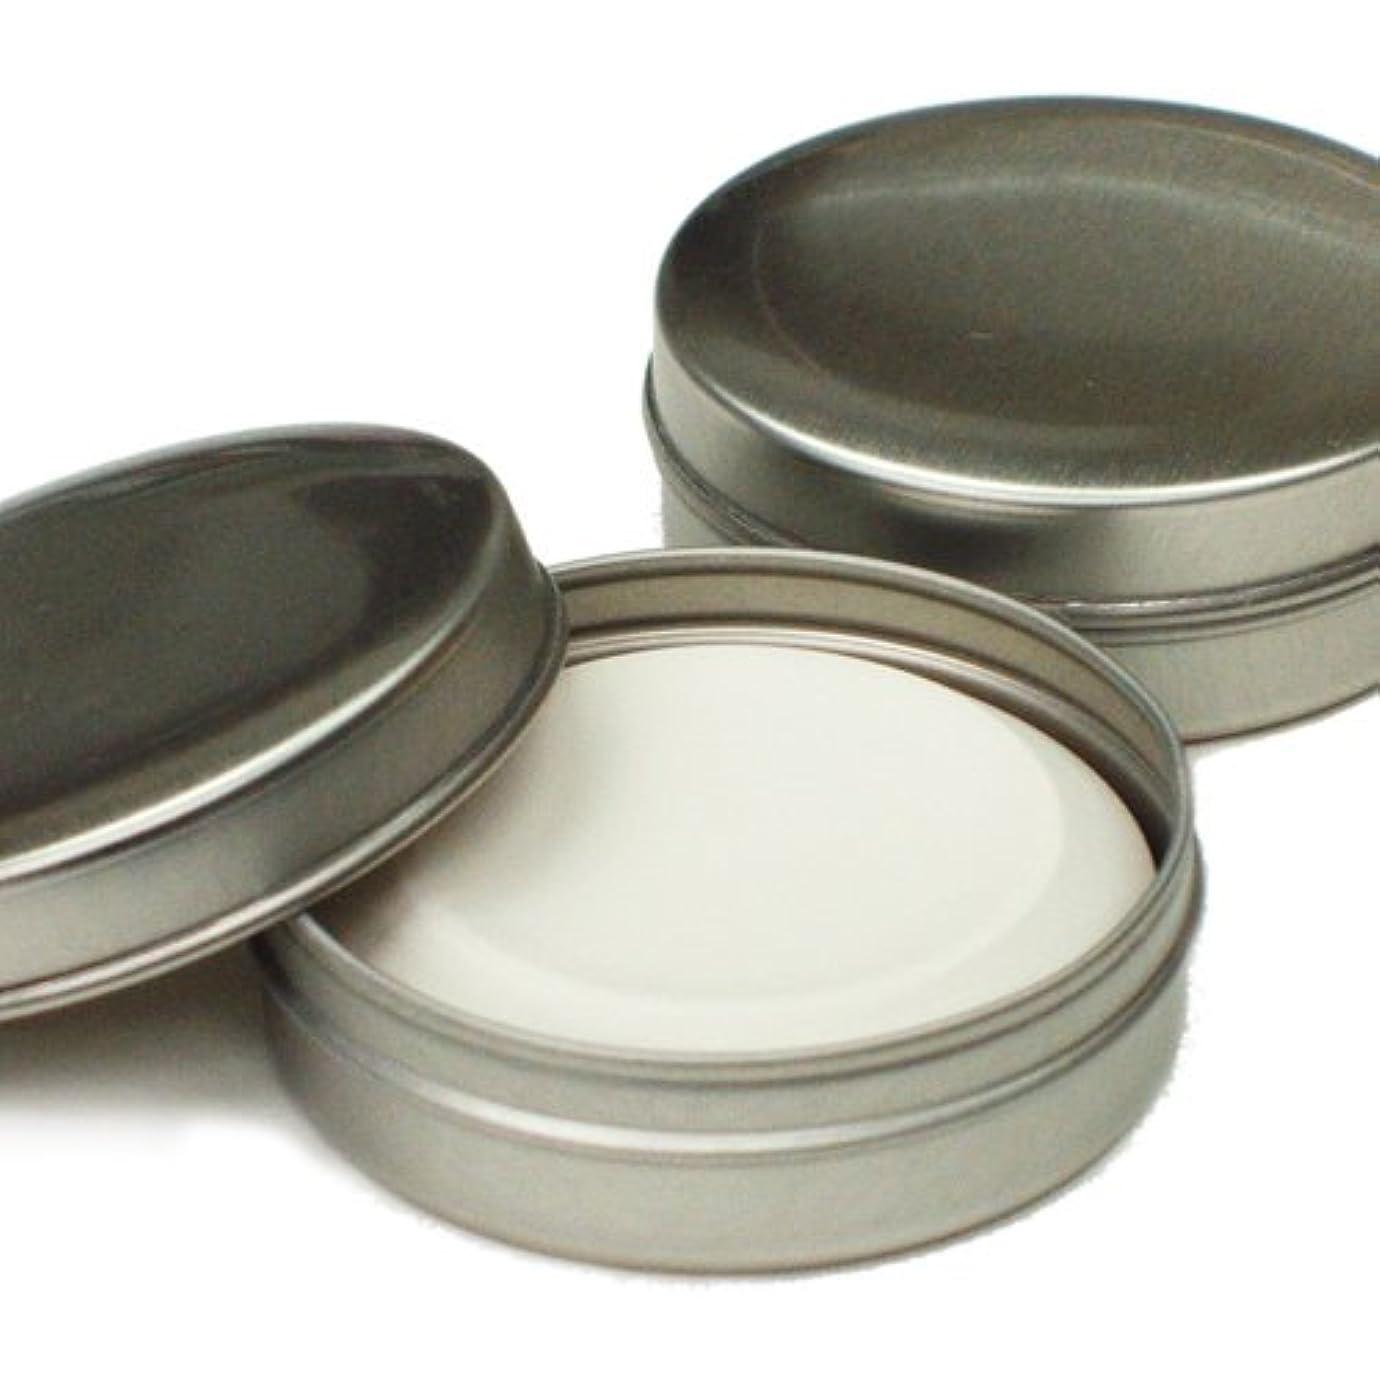 実用的暖かさ尾アロマストーン アロマプレート アルミ缶入 2個セット 日本製 素焼き 陶器 アロマディフューザー